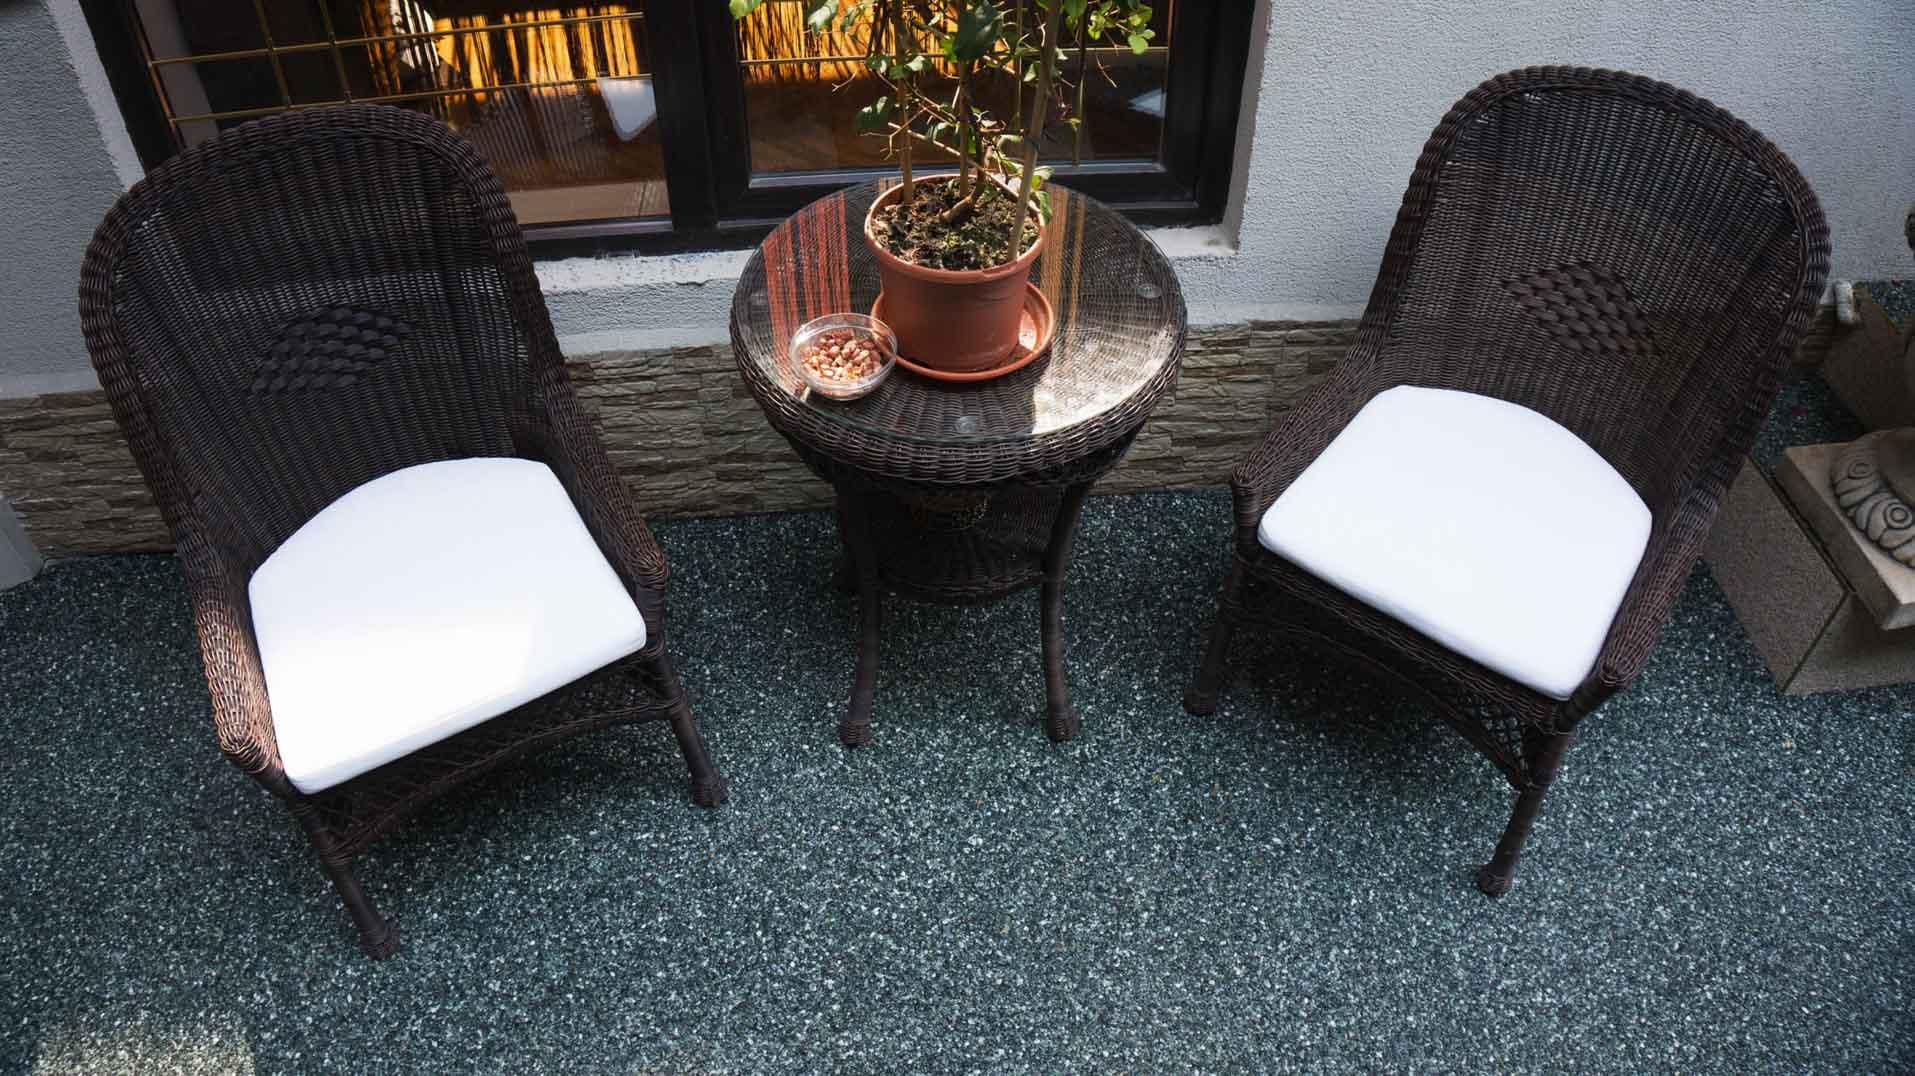 viarustik-stone-carpet-ground-terrace